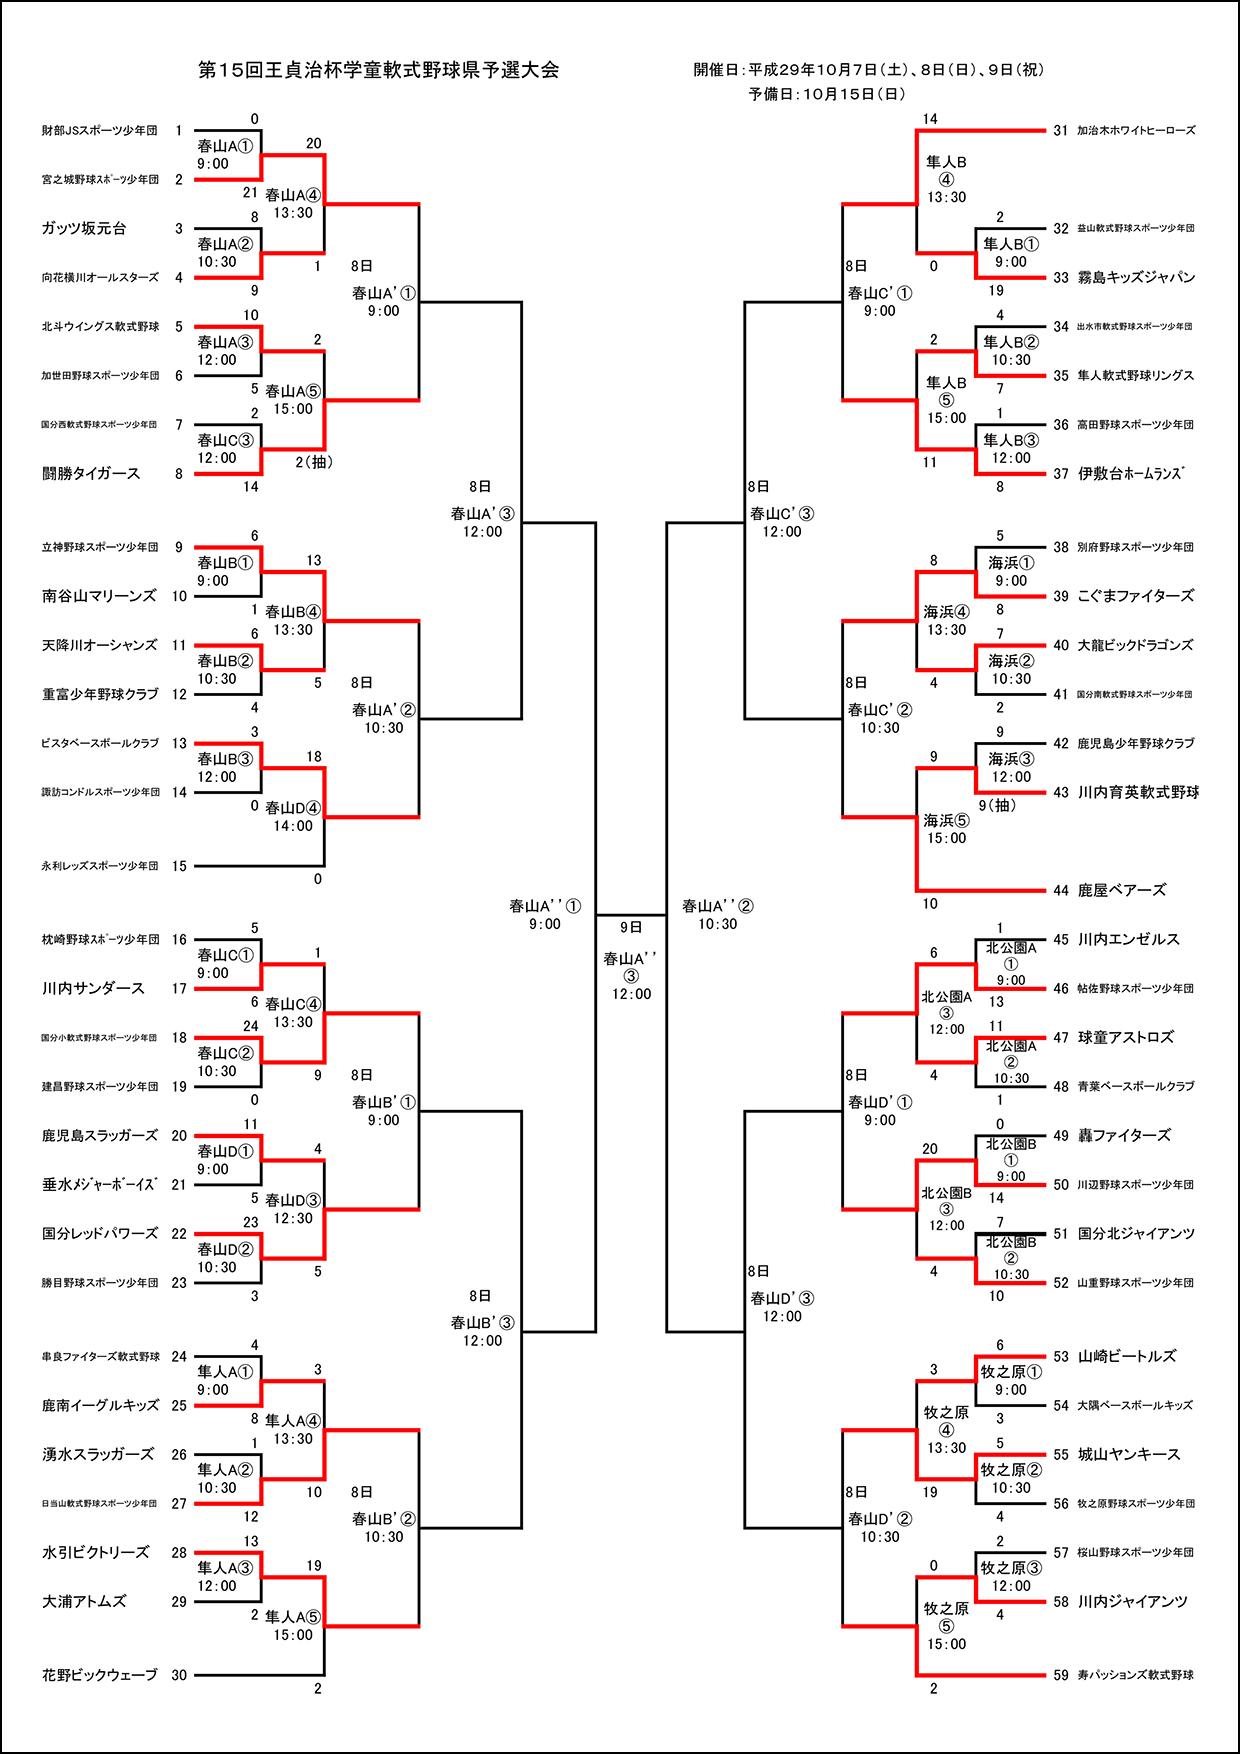 ▽第15回王貞治杯学童軟式野球県予選大会